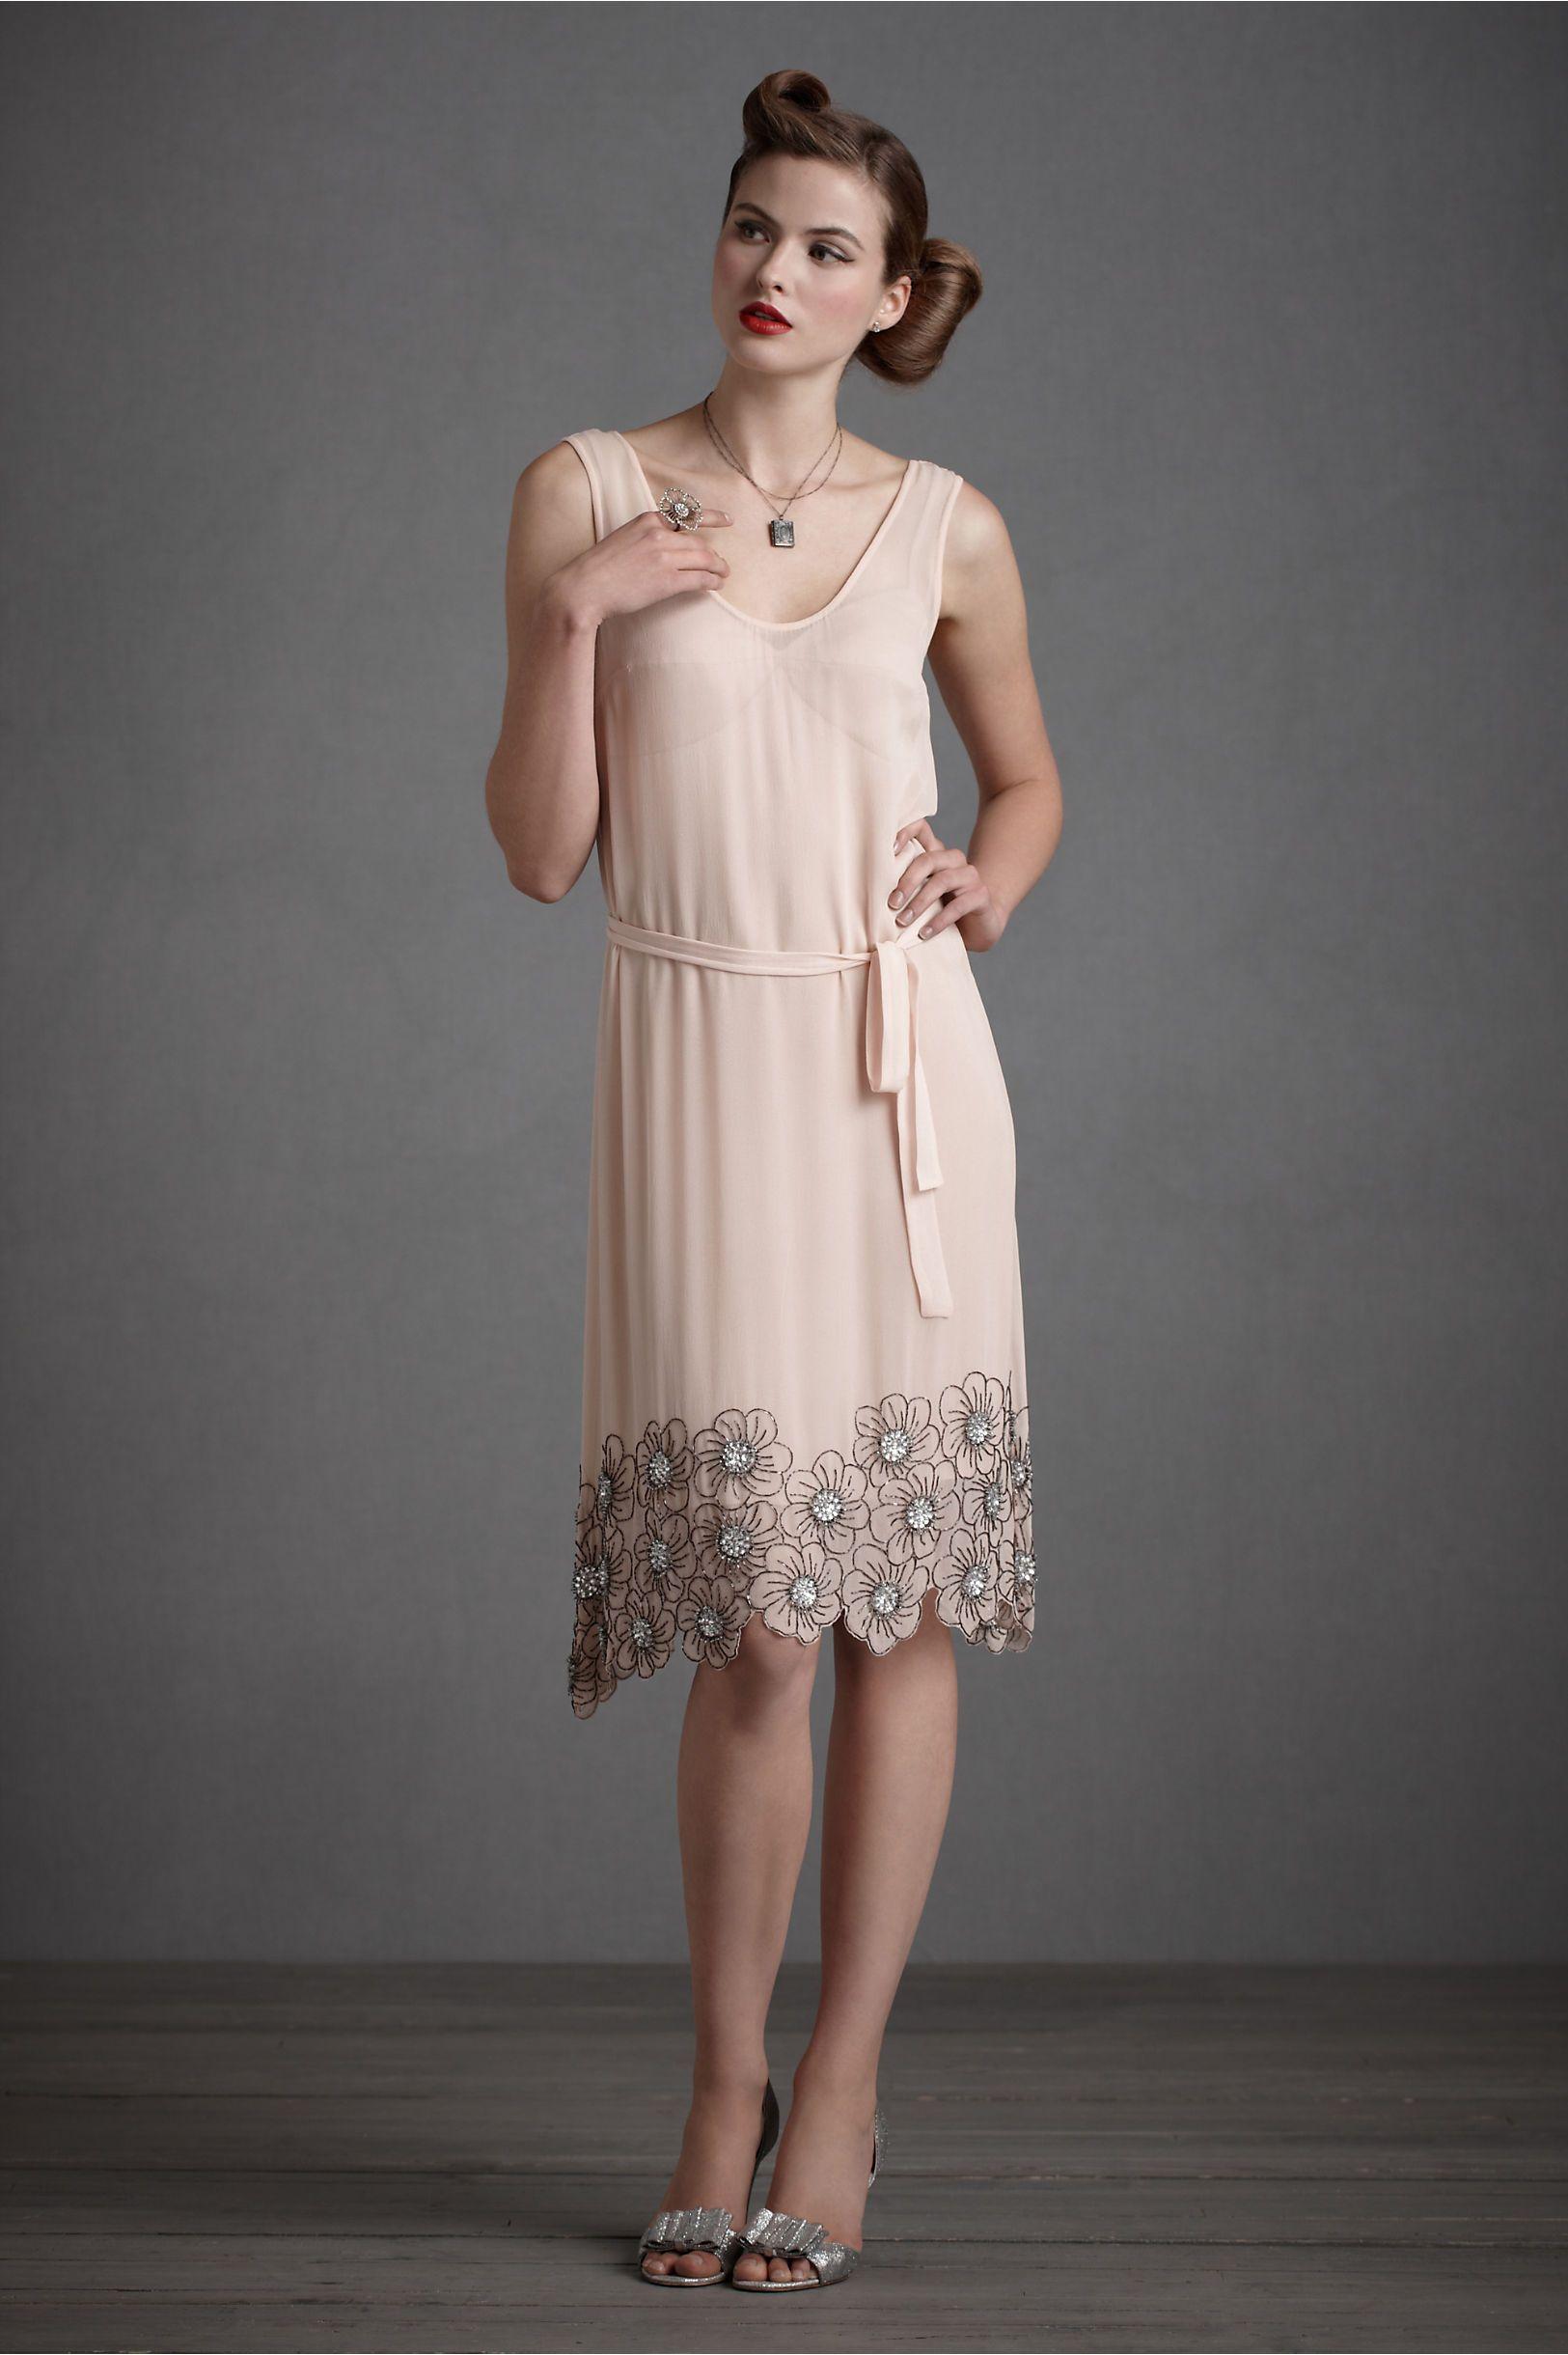 747d696429f Flower-Dipped Dress Moda Festa